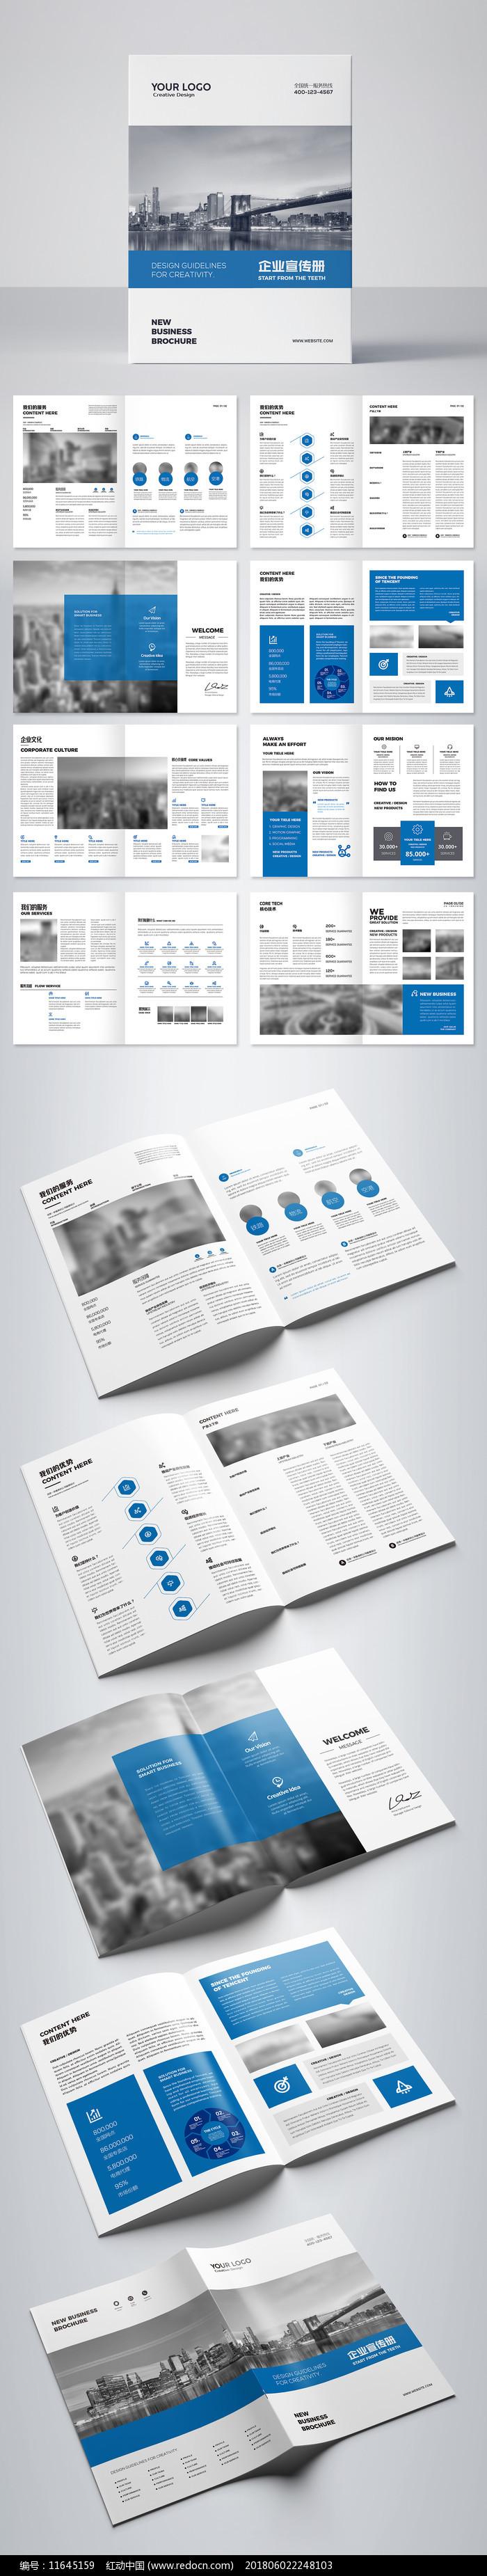 藍色大氣集團宣傳冊設計圖片